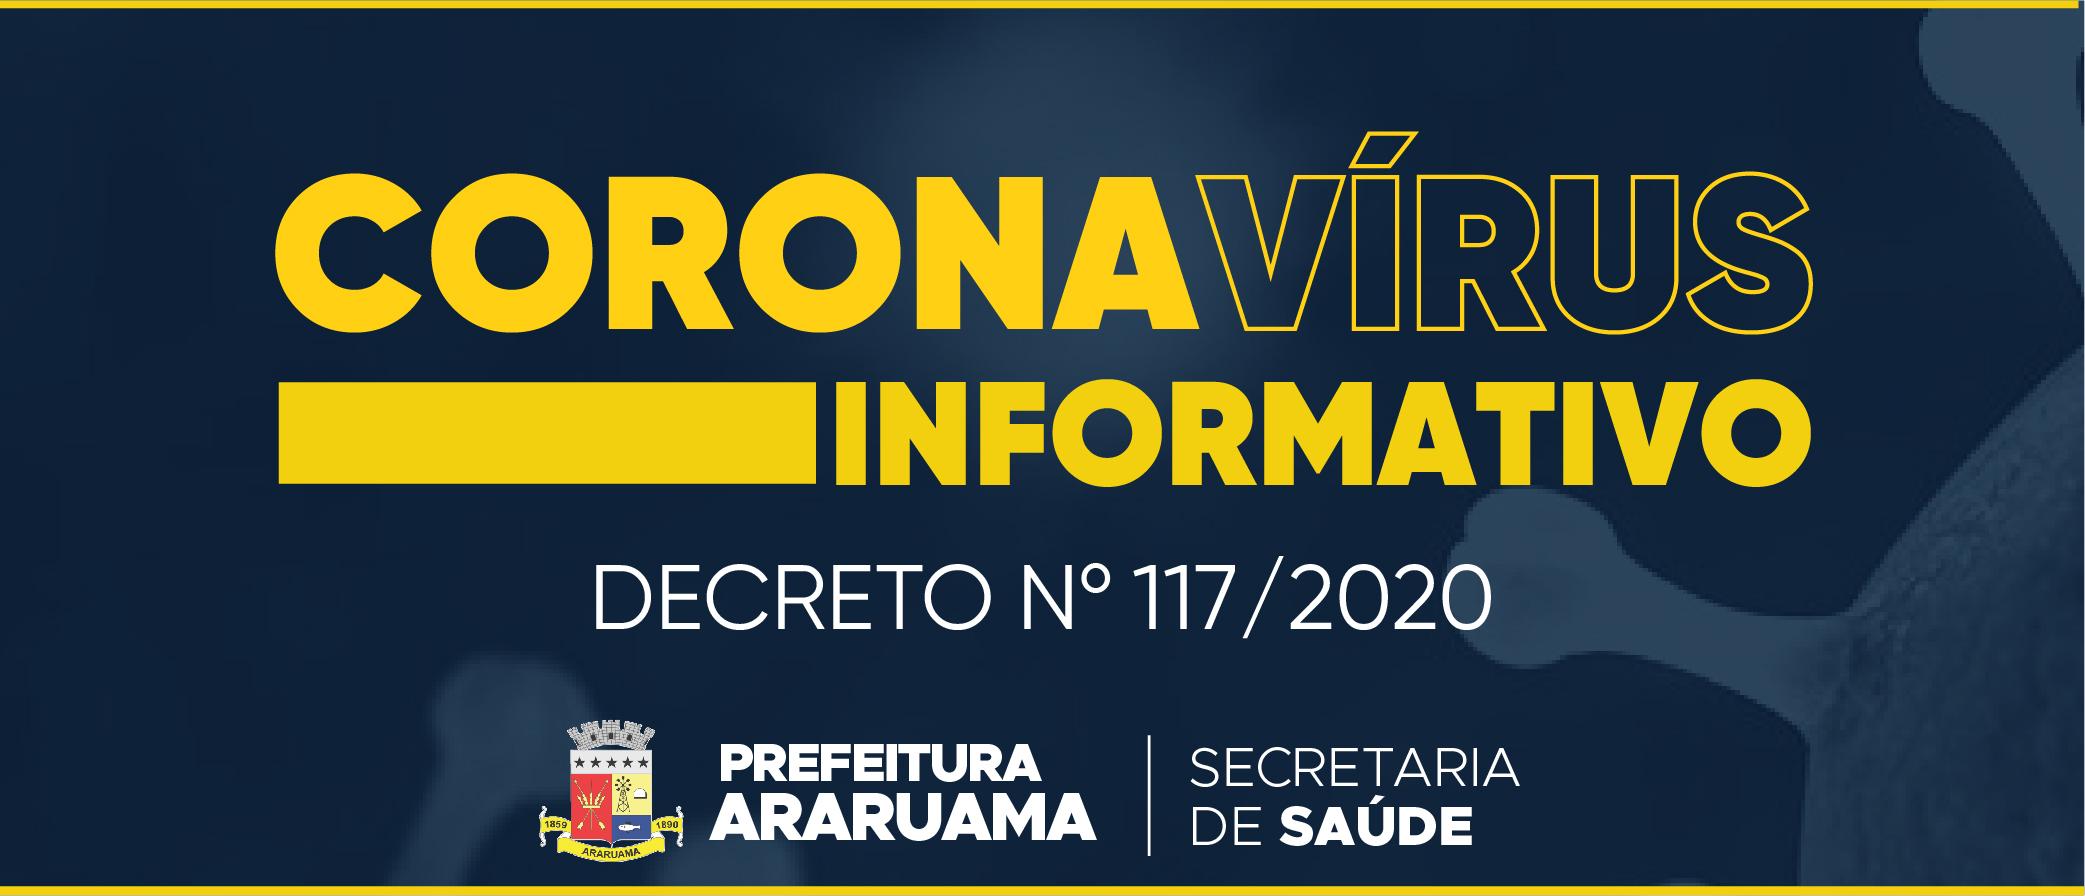 Prefeitura de Araruama publica novo decreto que mantém flexibilização parcial de atividades econômicas